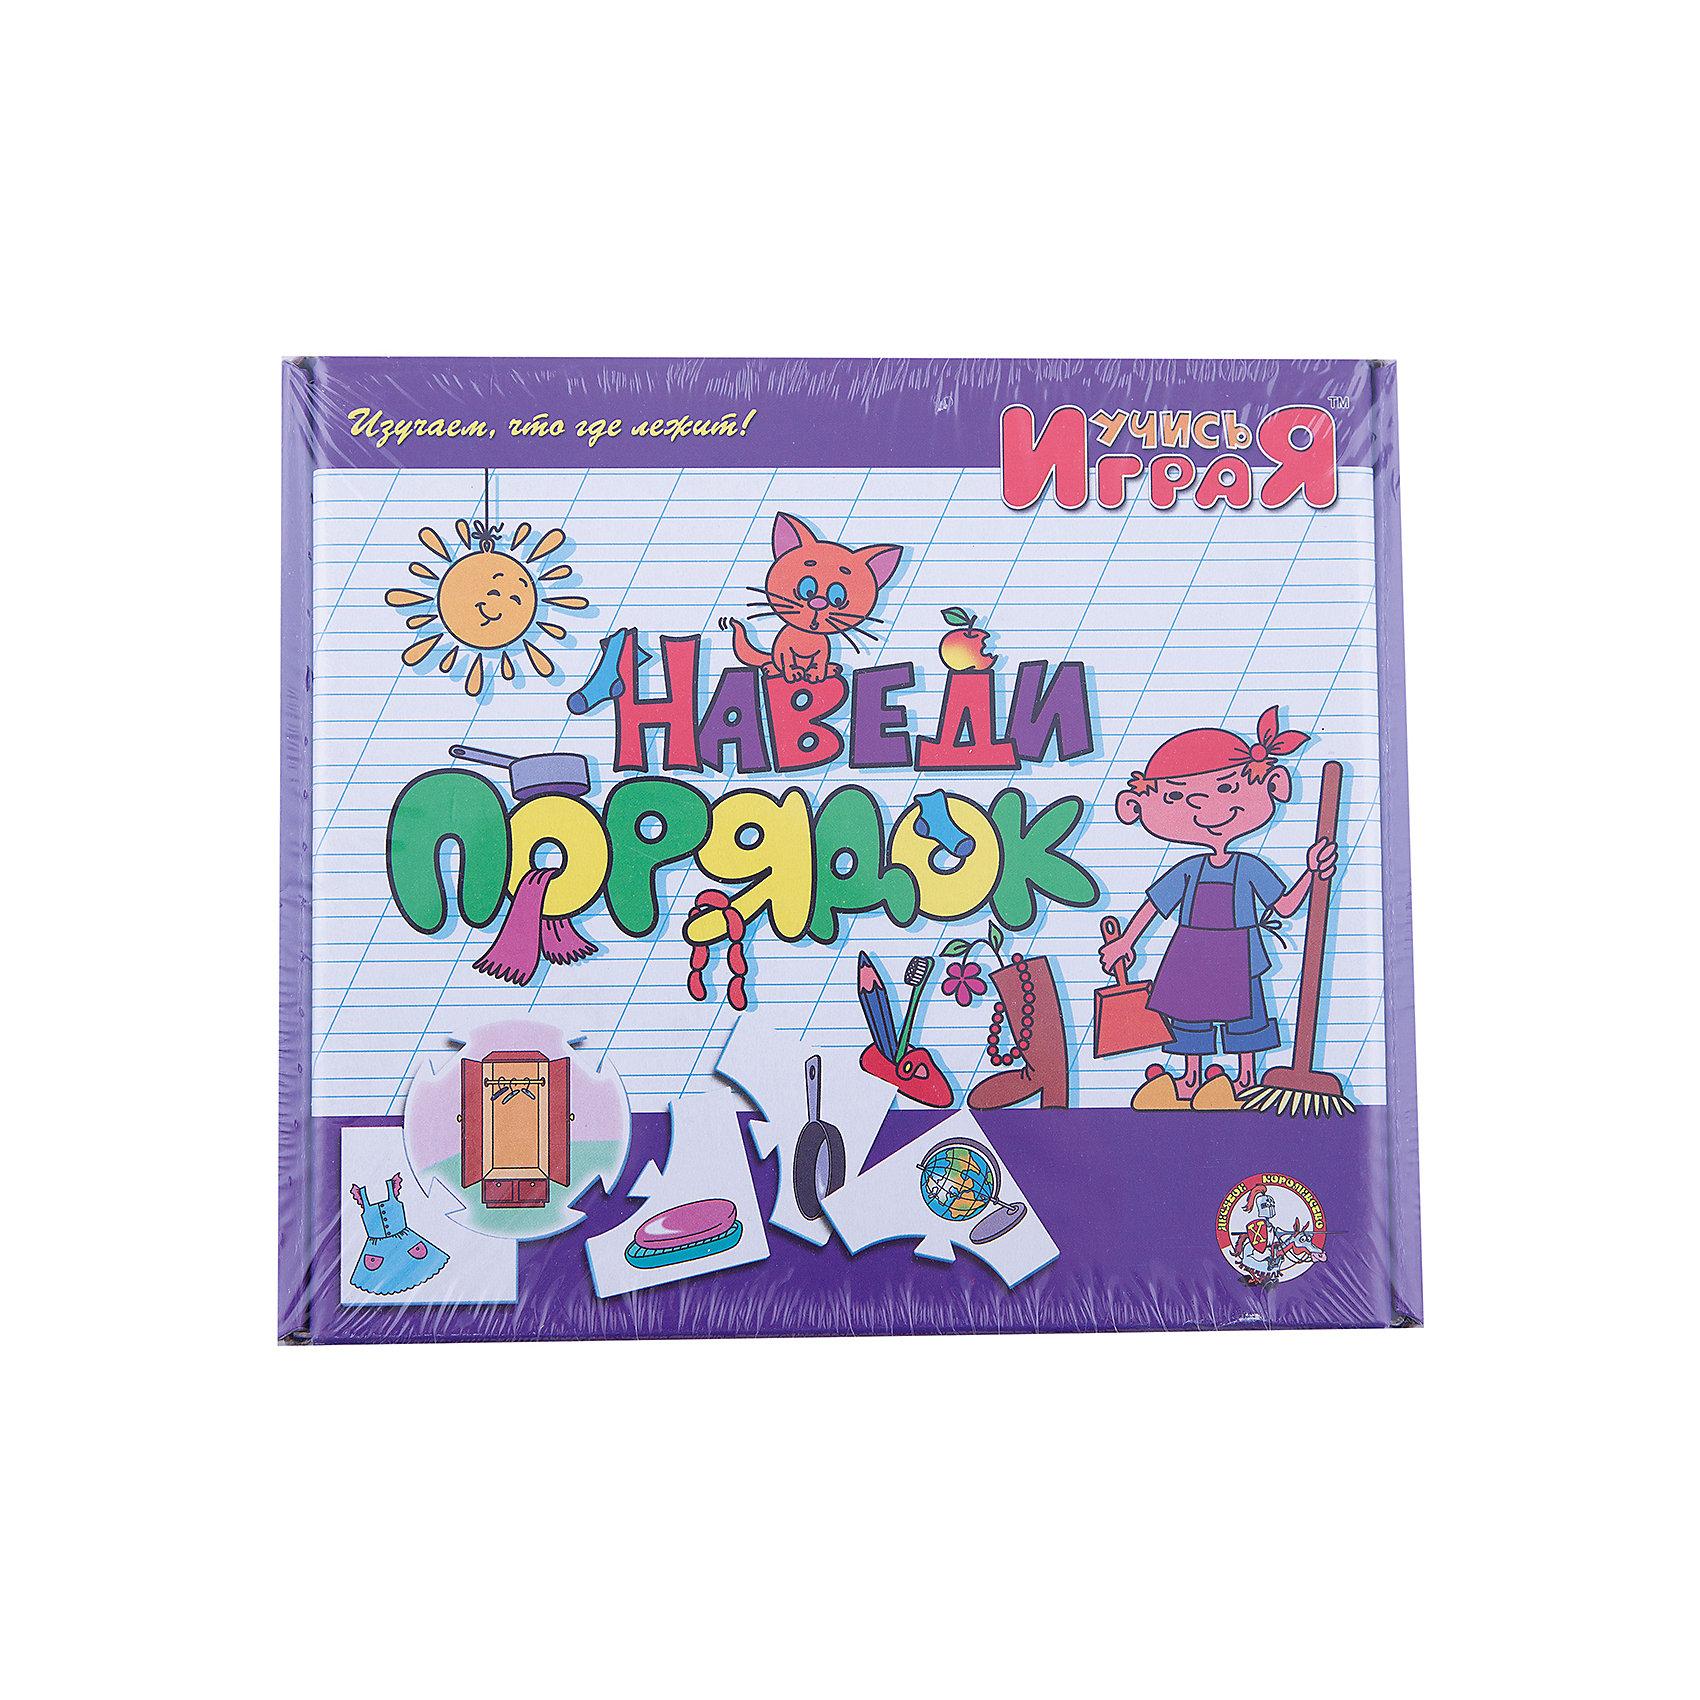 Игра обучающая  Наведи порядок, Десятое королевствоРазвивающие игры<br>Игра обучающая Наведи порядок, Десятое королевство<br><br>Характеристики:<br><br>• Возраст: от 3 лет<br>• Количество игроков: от 1 до 10<br>• В комплекте: 10 карточек заданий, 4 карточки с ответами<br><br>В этой увлекательной обучающей игре могут участвовать одновременно от 1 до 10 детей! В наборе содержатся 10 карточек-заданий, на которых изображены рисунки. К каждой необходимо найти 4 карточки-ответа, чтобы дополнить их содержание. В процессе игры дети работают над мелкой моторикой и расширяют свои знания и представления об окружающем мире.<br><br>Игра обучающая Наведи порядок, Десятое королевство можно купить в нашем интернет-магазине.<br><br>Ширина мм: 230<br>Глубина мм: 200<br>Высота мм: 35<br>Вес г: 230<br>Возраст от месяцев: 84<br>Возраст до месяцев: 2147483647<br>Пол: Унисекс<br>Возраст: Детский<br>SKU: 5471699